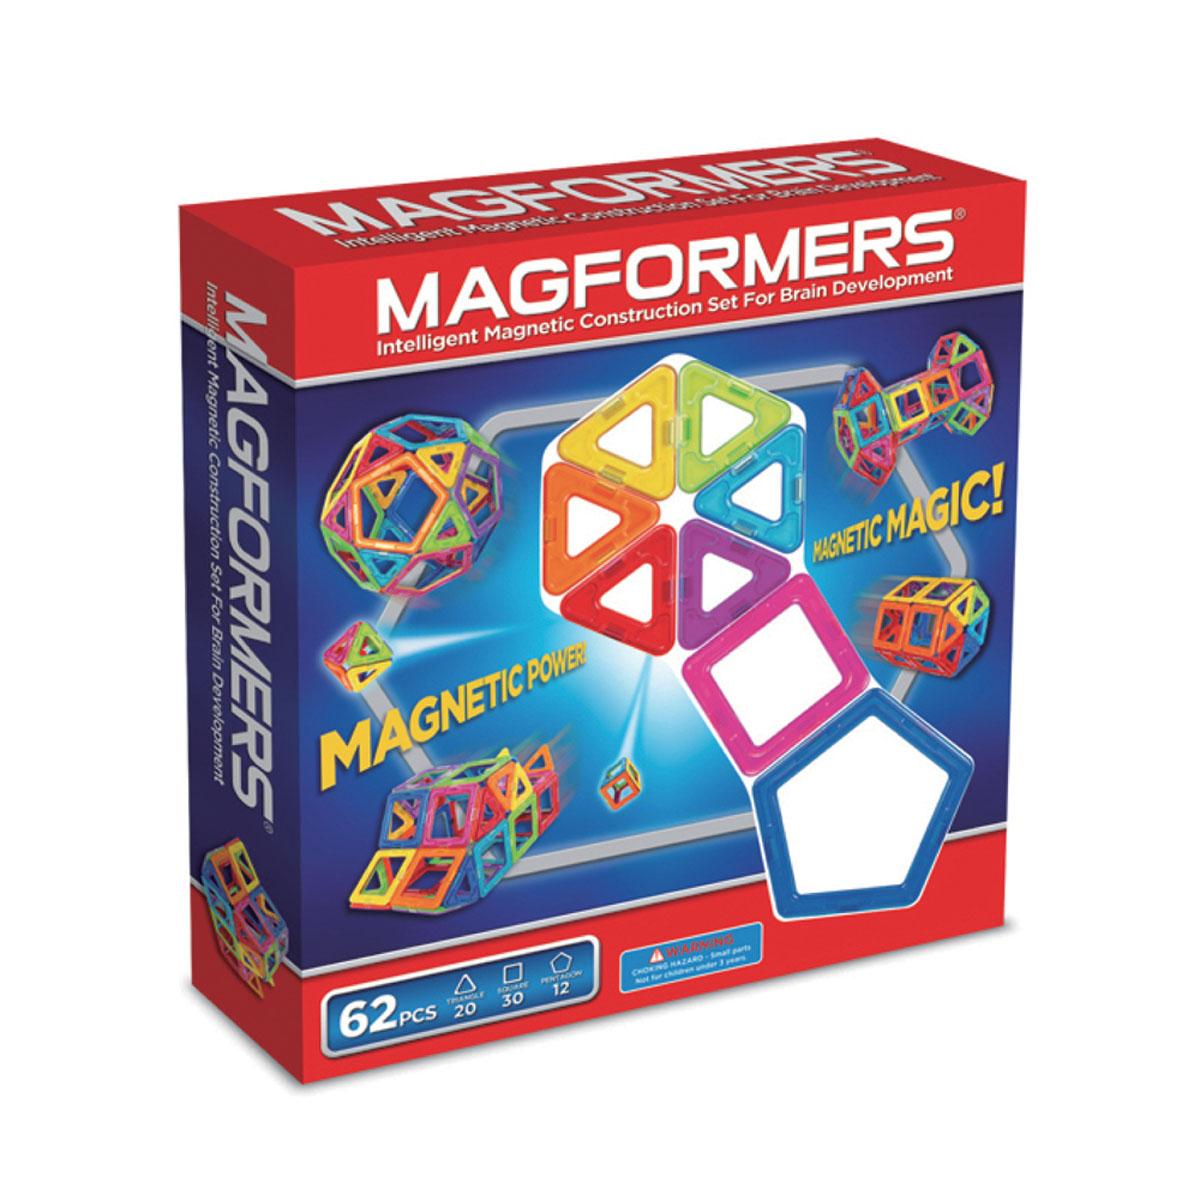 Magformers Магнитный конструктор 63070 6263070Этот набор привлекателен большим количеством деталей. В него входят квадраты, треугольники и пятиугольники. Благодаря этому набору ребенок может делать не только технические постройки, но и животных, более сложные шары, которые начинаются с пятиугольников и при постепенном добавлении квадратов и треугольников превращаются во что-то сказочное и необычное.